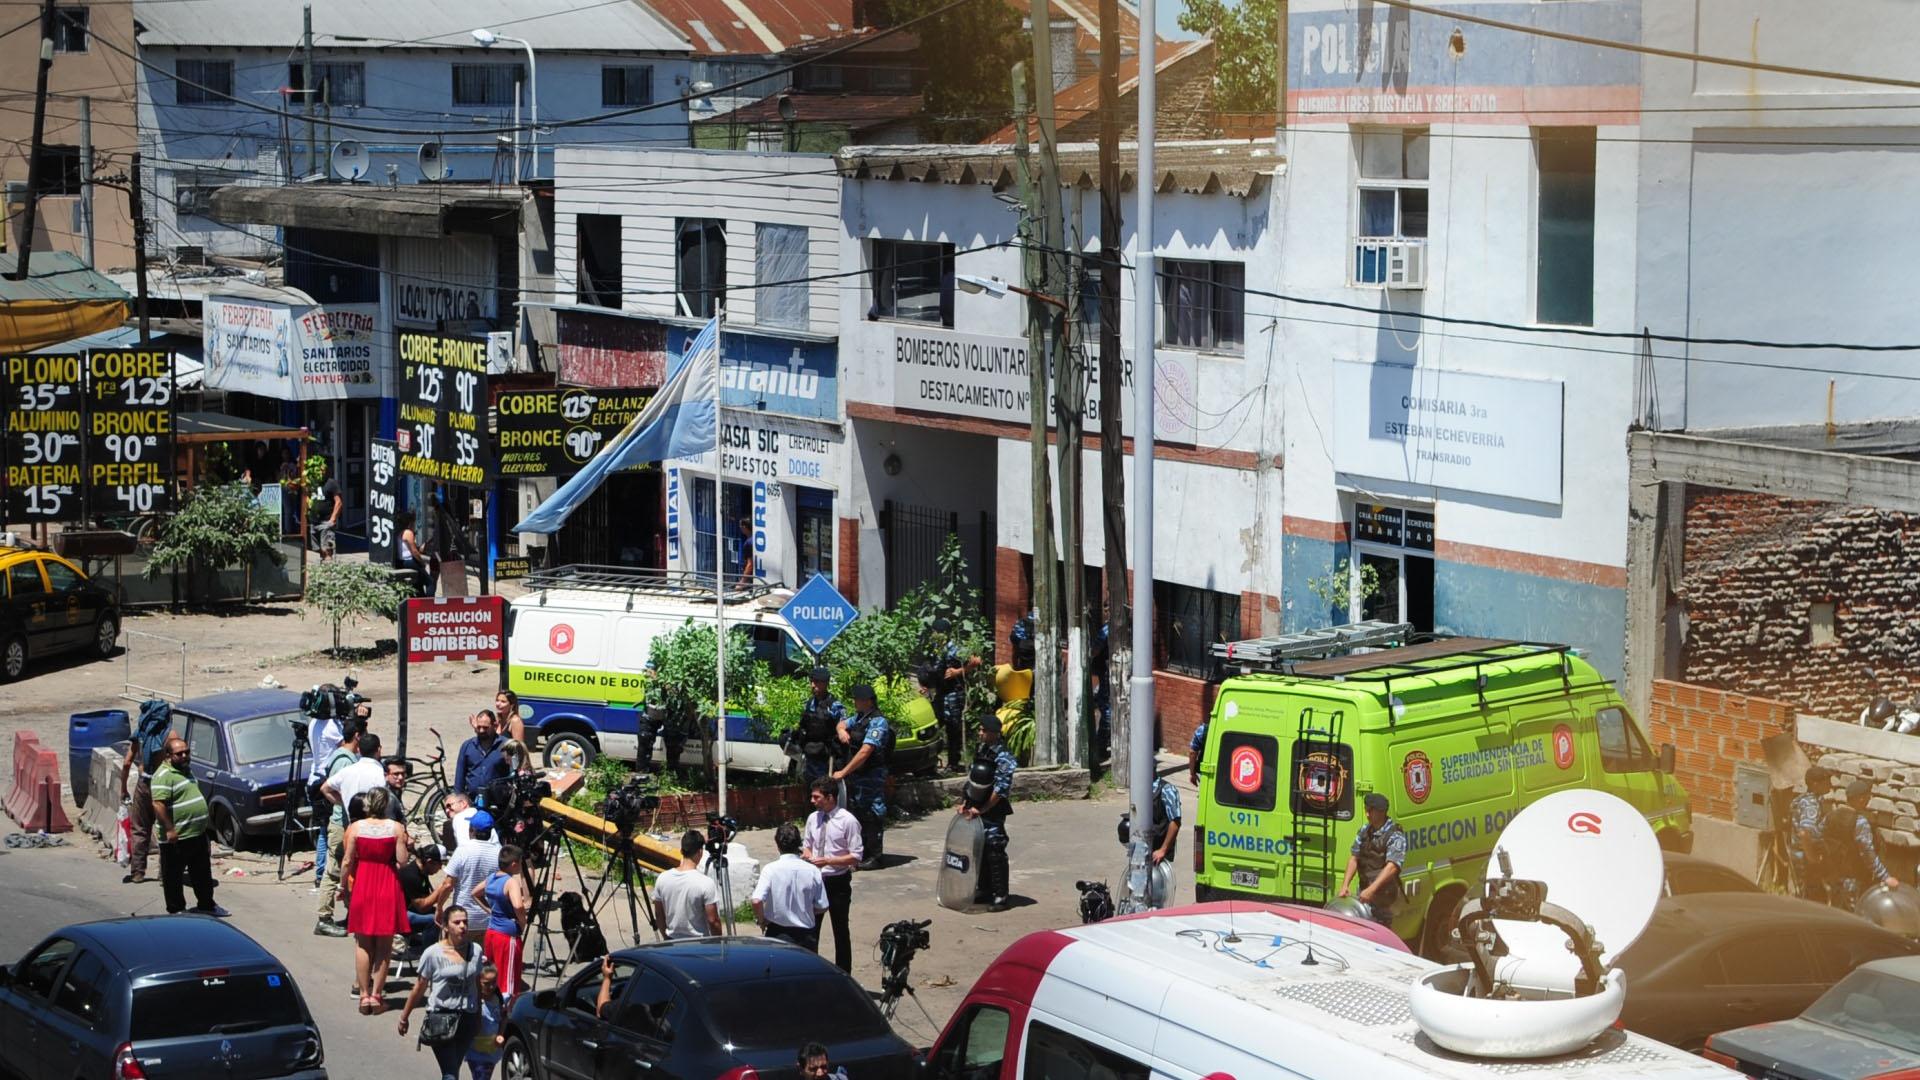 El gran cordón policial impuesto frente a la comisaría para evitar enfrentamientos (Maximiliano Luna)